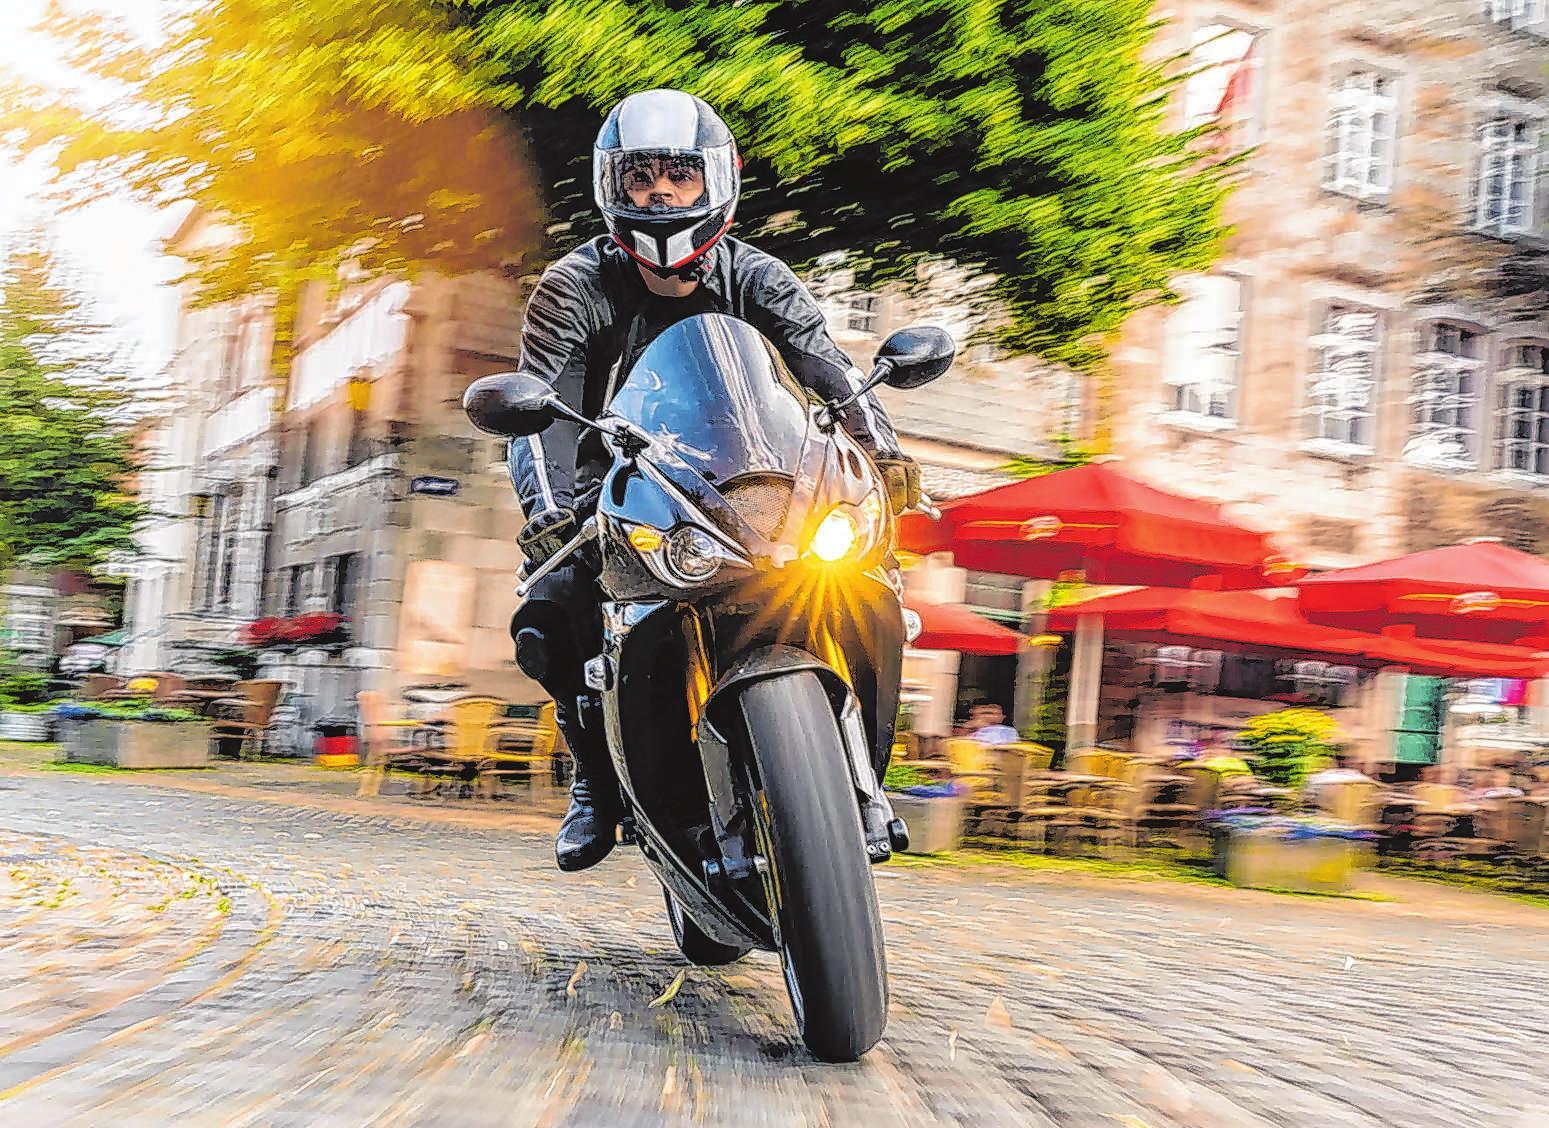 Entspannt fahren: Der Zustand der Motorradreifen hat entscheidenden Einfluss auf die Fahrsicherheit.Foto: djd